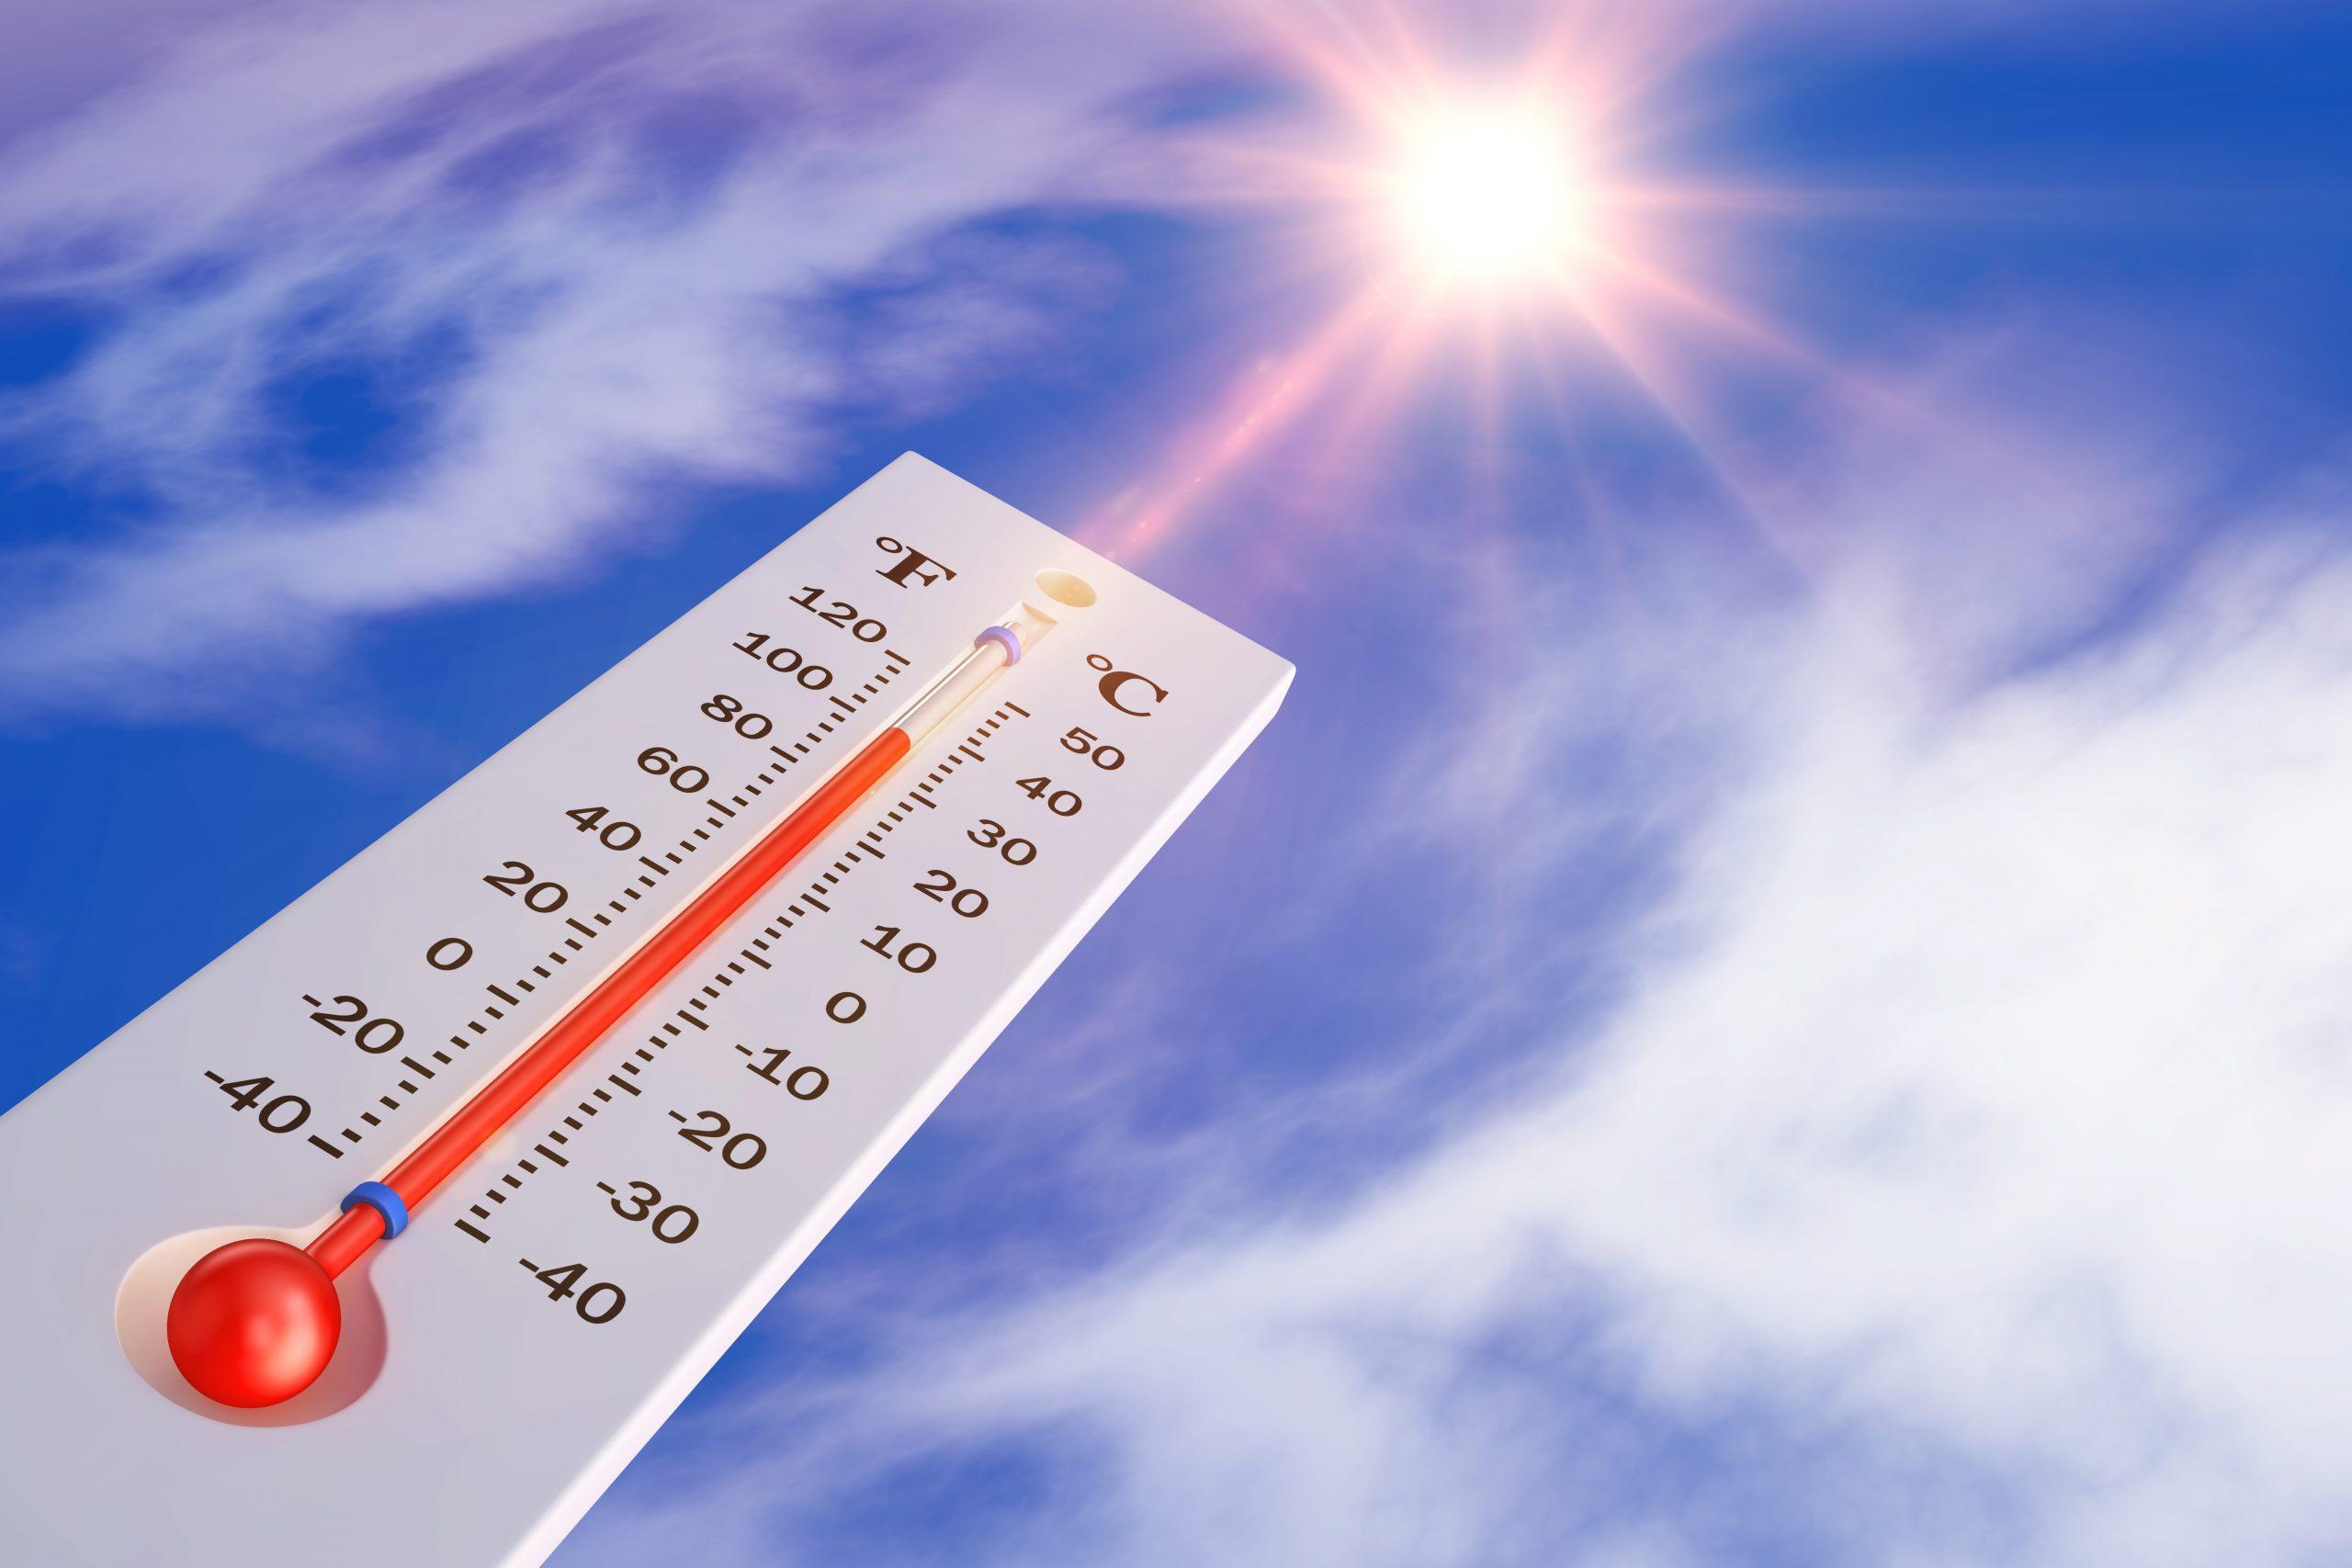 Torenventilator: Wat zijn de beste torenventilatoren van 2020?